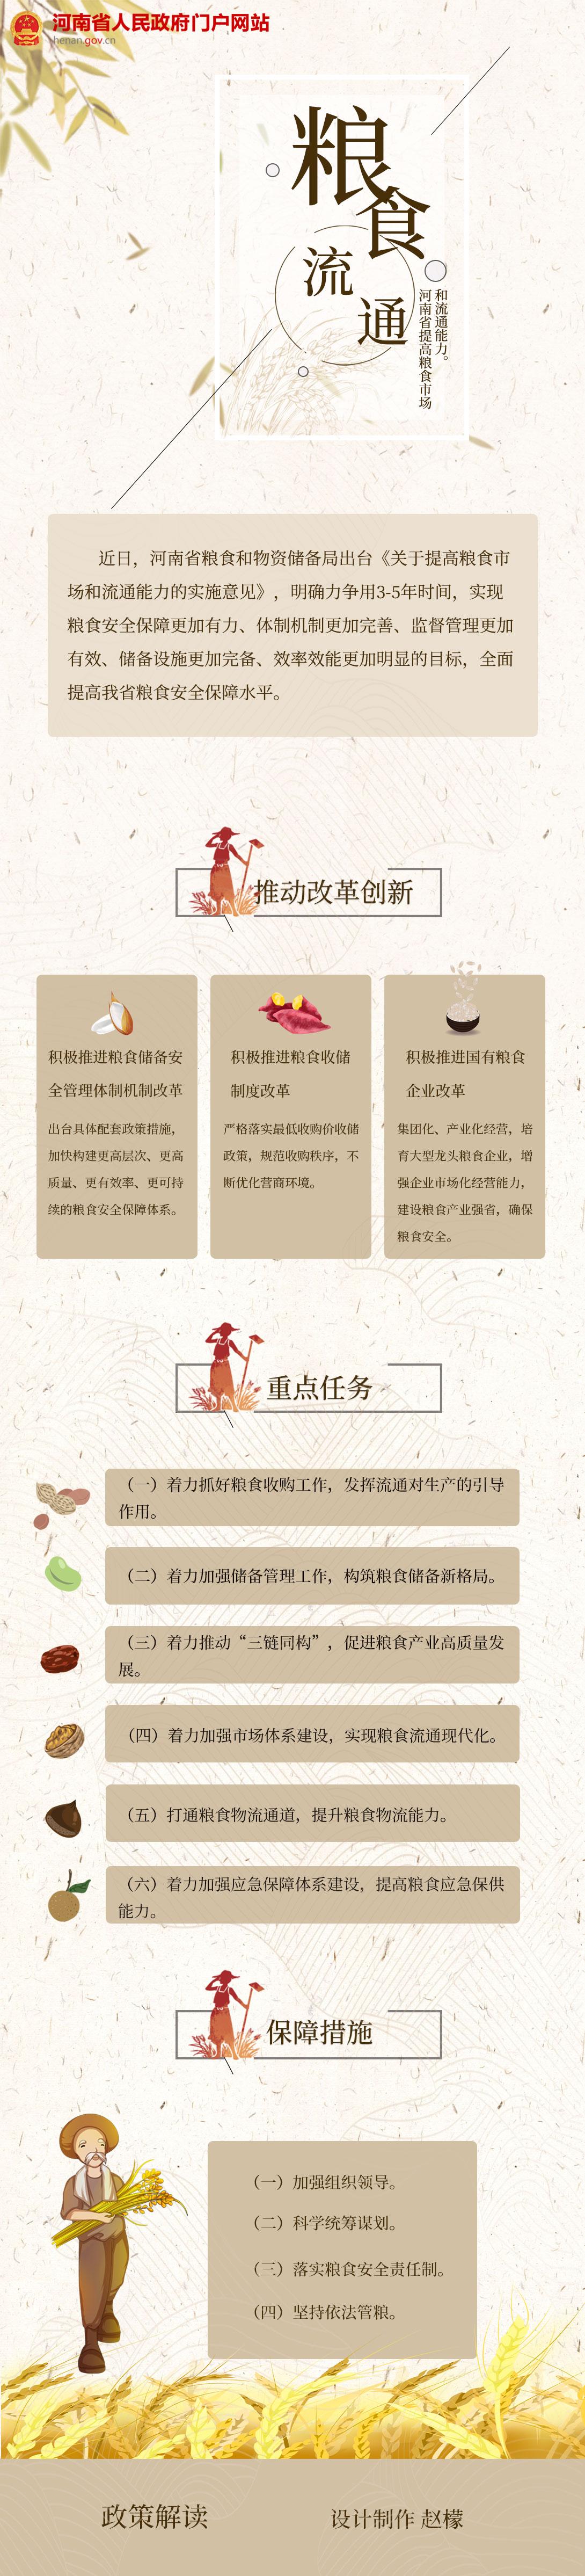 图解:河南出台《意见》 提高粮食市场和流通能力